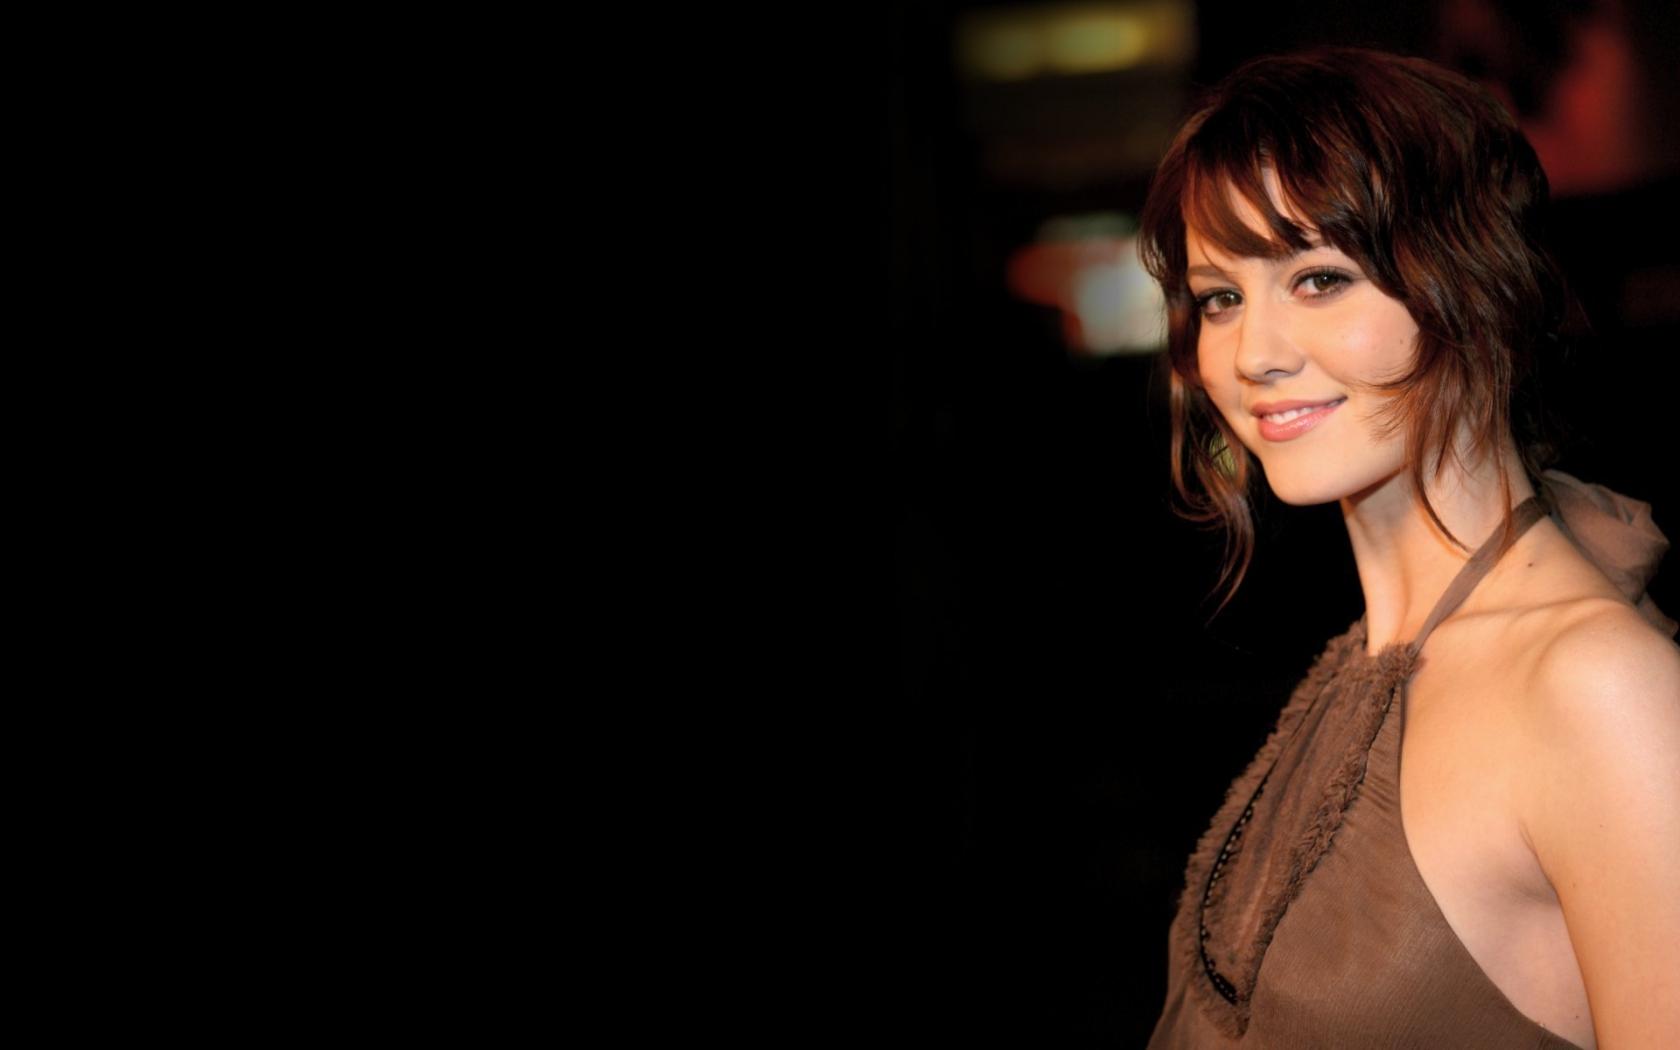 Elizabeth Winstead sonriendo - 1680x1050